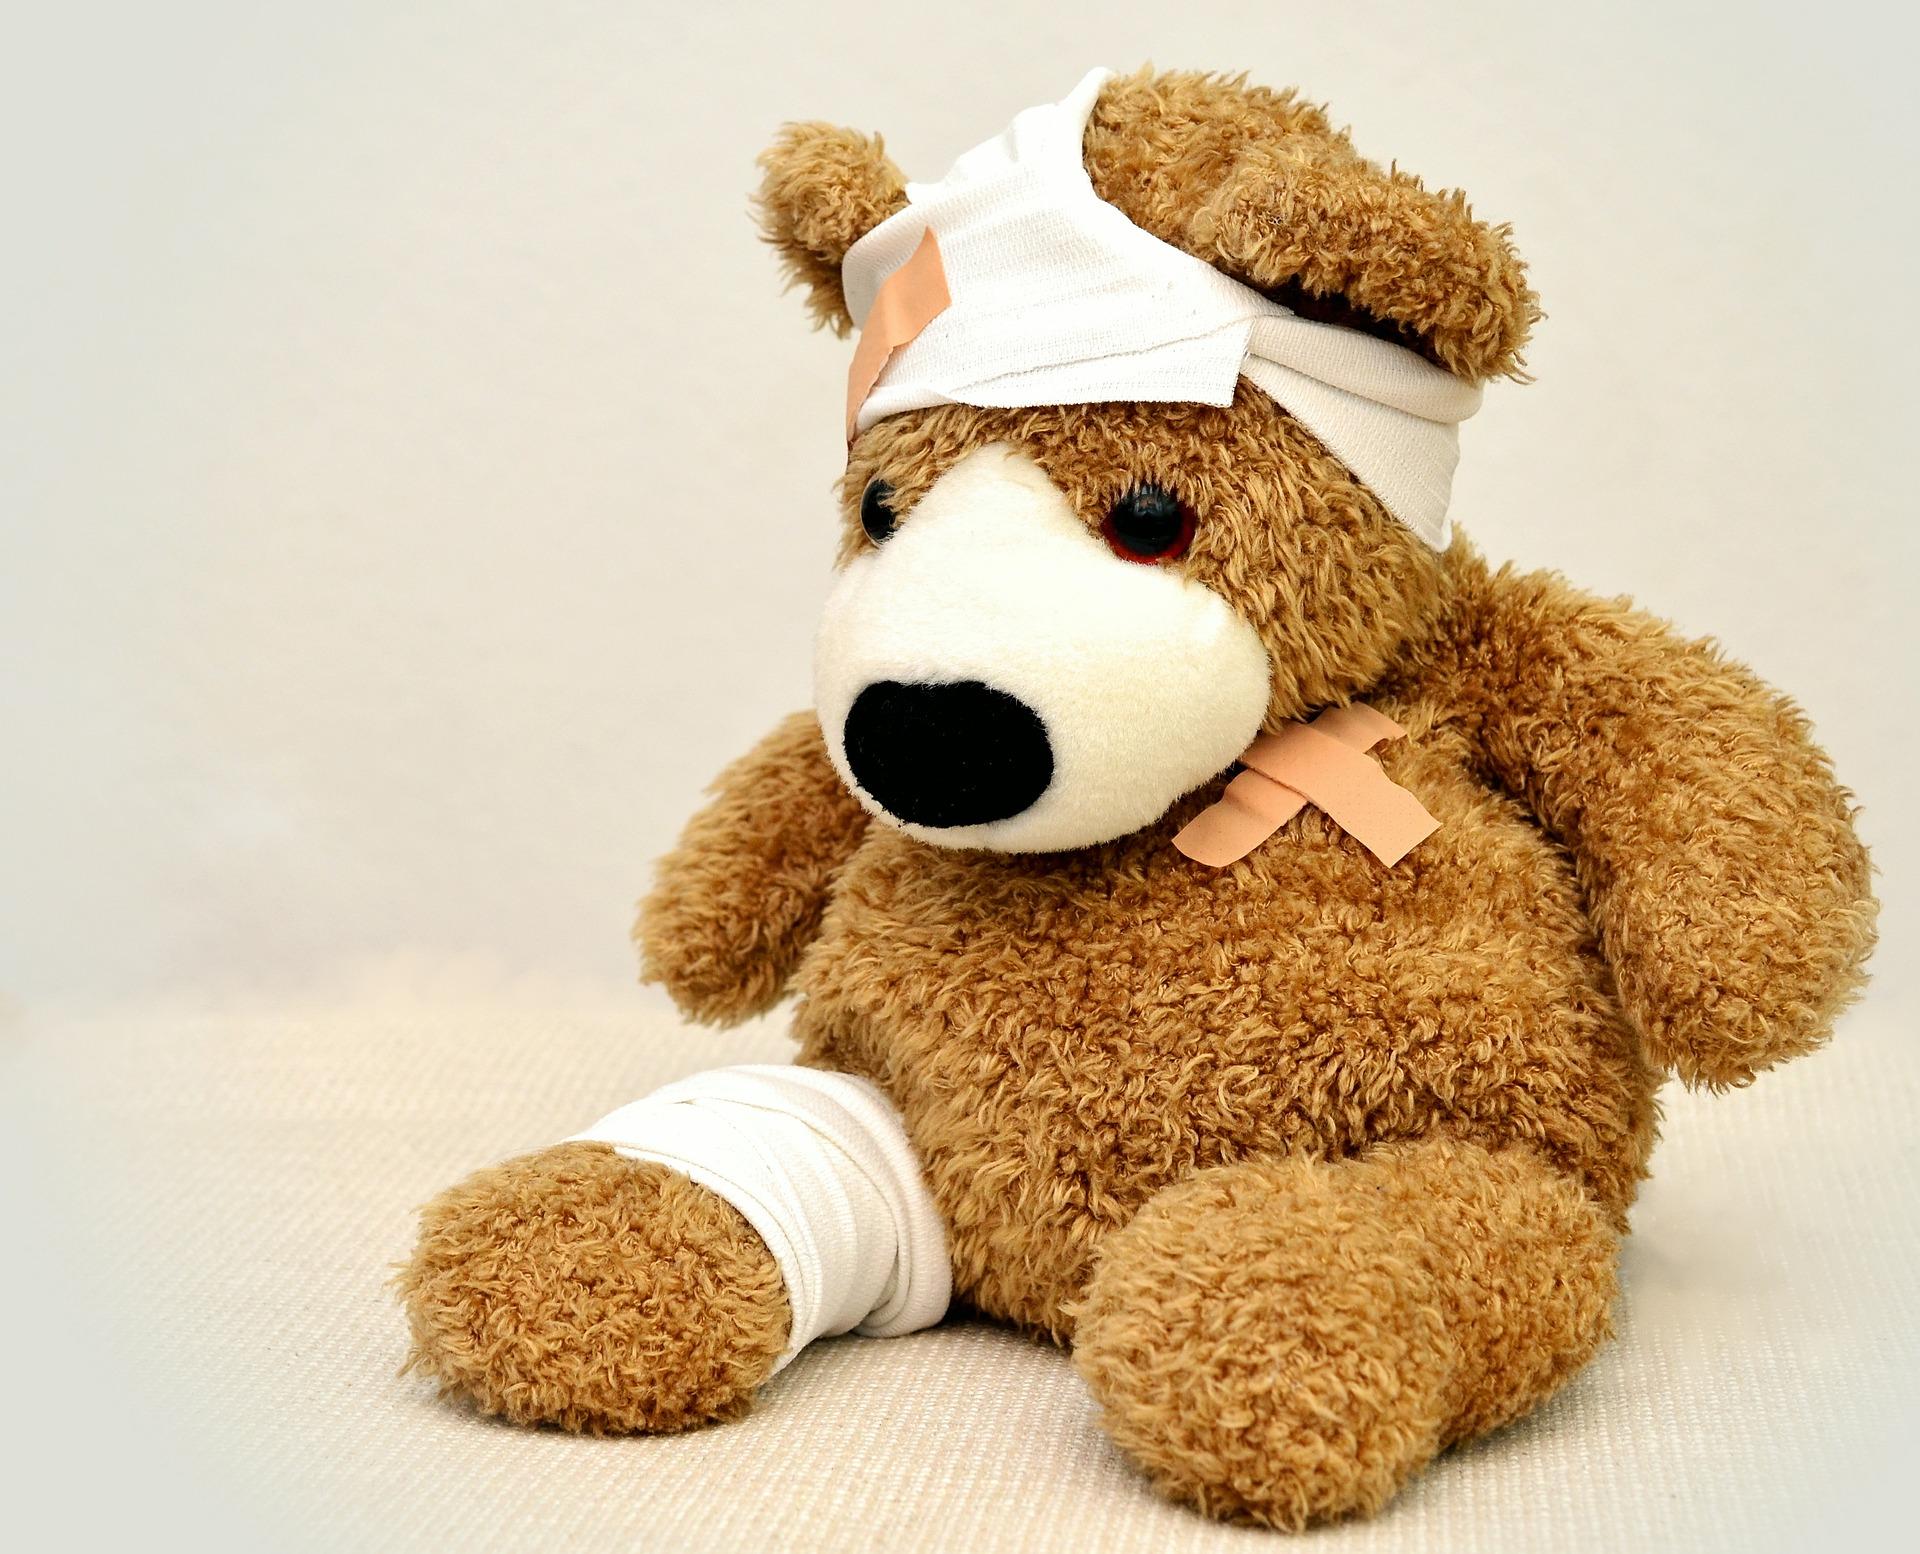 teddy-562960_1920.jpg